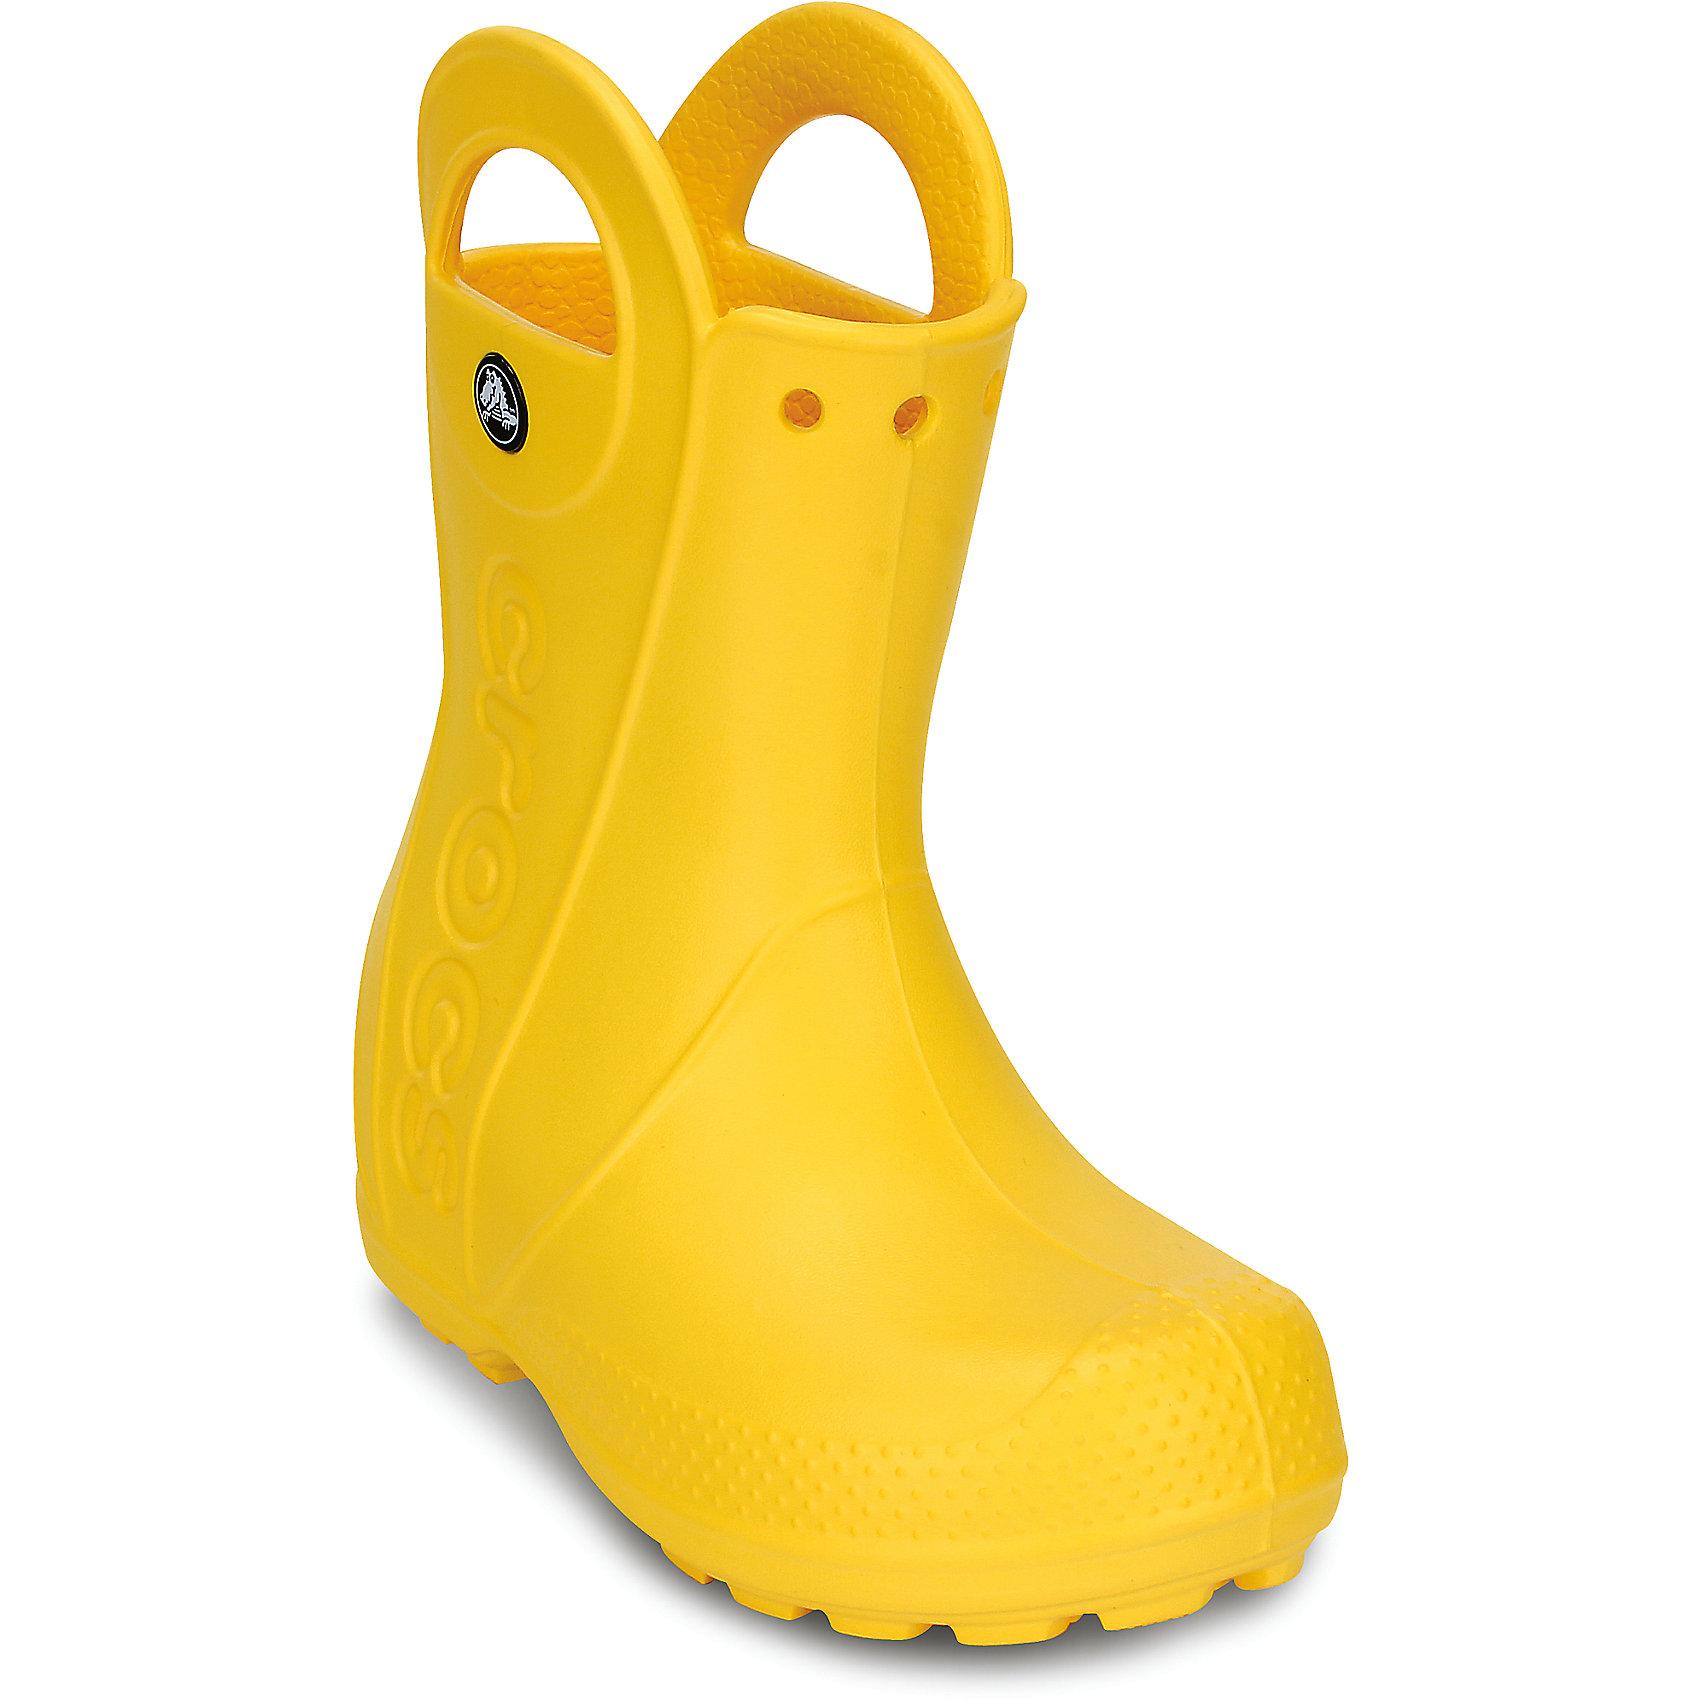 Резиновые сапоги Kids' Handle It Rain Boot CrocsХарактеристики товара:<br><br>• цвет: желтый<br>• материал: 100% полимер Croslite™<br>• непромокаемые<br>• температурный режим: от 0° до +20° С<br>• легко очищаются<br>• антискользящая подошва<br>• ручки<br>• толстая устойчивая подошва<br>• страна бренда: США<br>• страна изготовитель: Китай<br><br>Сапоги могут быть и стильными, и непромокаемыми! Для детской обуви крайне важно, чтобы она была удобной. Такие сапоги обеспечивают детям необходимый комфорт, а надежный материал не пропускает внутрь воду. Сапоги легко надеваются и снимаются, отлично сидят на ноге. Материал, из которого они сделаны, не дает размножаться бактериям, поэтому такая обувь препятствует образованию неприятного запаха и появлению болезней стоп. Данная модель особенно понравится детям - ведь в них можно бегать по лужам!<br>Обувь от американского бренда Crocs в данный момент завоевала широкую популярность во всем мире, и это не удивительно - ведь она невероятно удобна. Её носят врачи, спортсмены, звёзды шоу-бизнеса, люди, которым много времени приходится бывать на ногах - они понимают, как важна комфортная обувь. Продукция Crocs - это качественные товары, созданные с применением новейших технологий. Обувь отличается стильным дизайном и продуманной конструкцией. Изделие производится из качественных и проверенных материалов, которые безопасны для детей.<br><br>Резиновые сапоги от торговой марки Crocs можно купить в нашем интернет-магазине.<br><br>Ширина мм: 262<br>Глубина мм: 176<br>Высота мм: 97<br>Вес г: 427<br>Цвет: желтый<br>Возраст от месяцев: -2147483648<br>Возраст до месяцев: 2147483647<br>Пол: Унисекс<br>Возраст: Детский<br>Размер: 27,24,28,31,30,29,33,32,23,34,26,25<br>SKU: 3991408